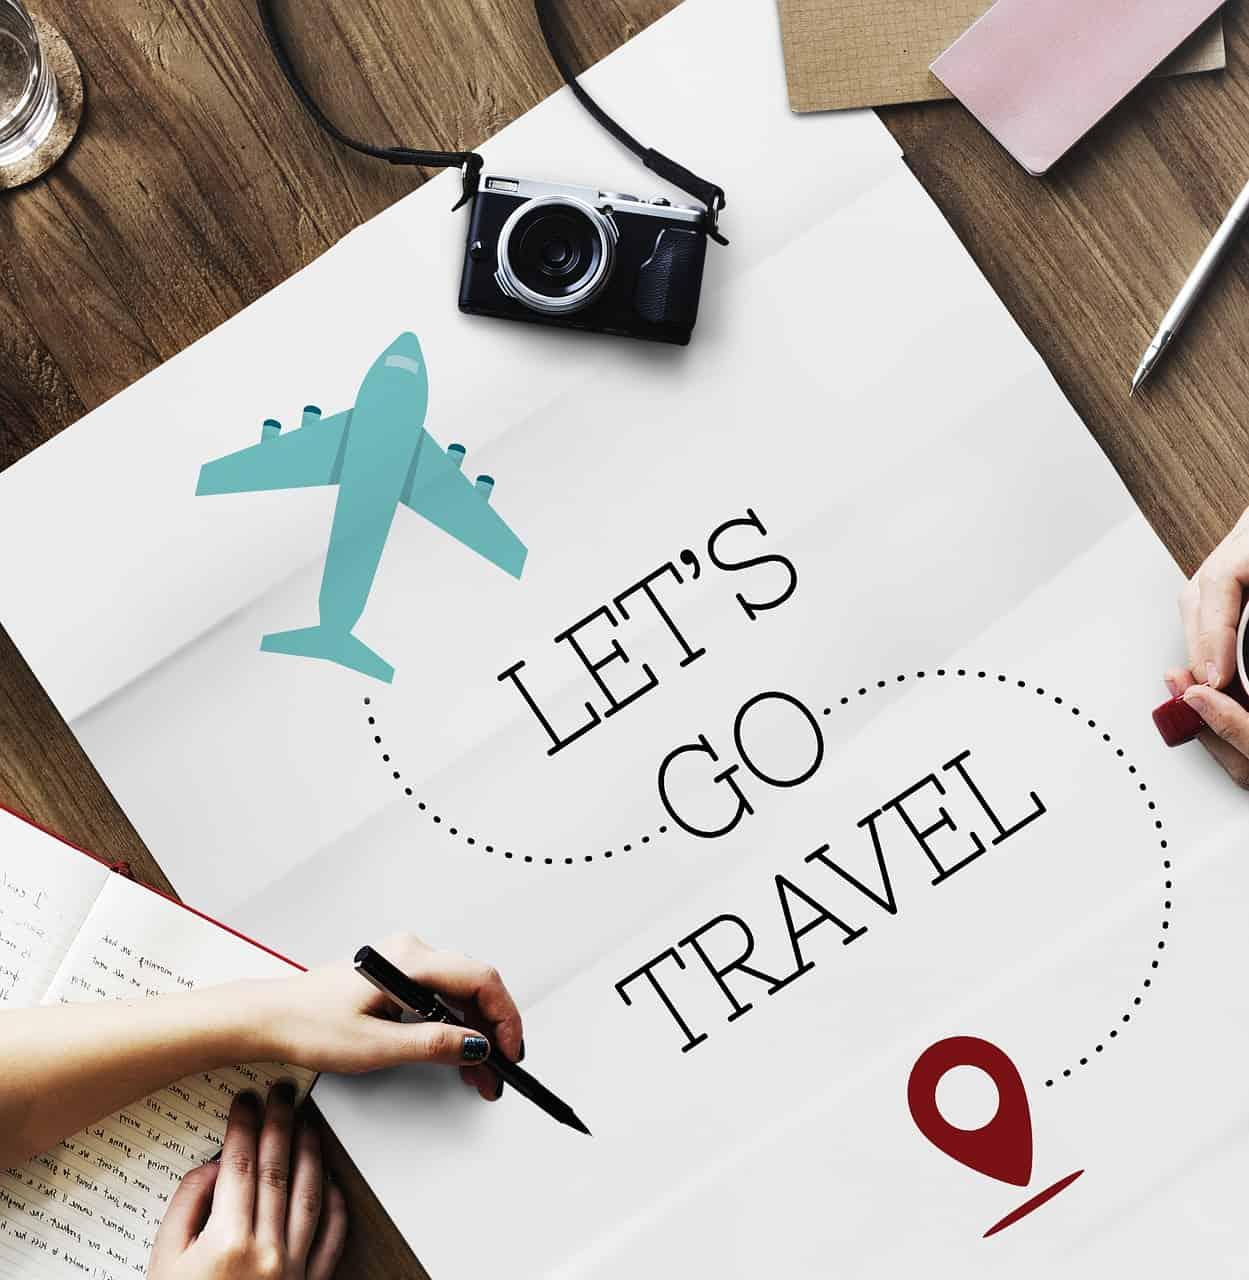 Baixe gratuitamente a Planilha de Viagem perfeita para seu planejamento! - Blog Quanto Custa Viajar